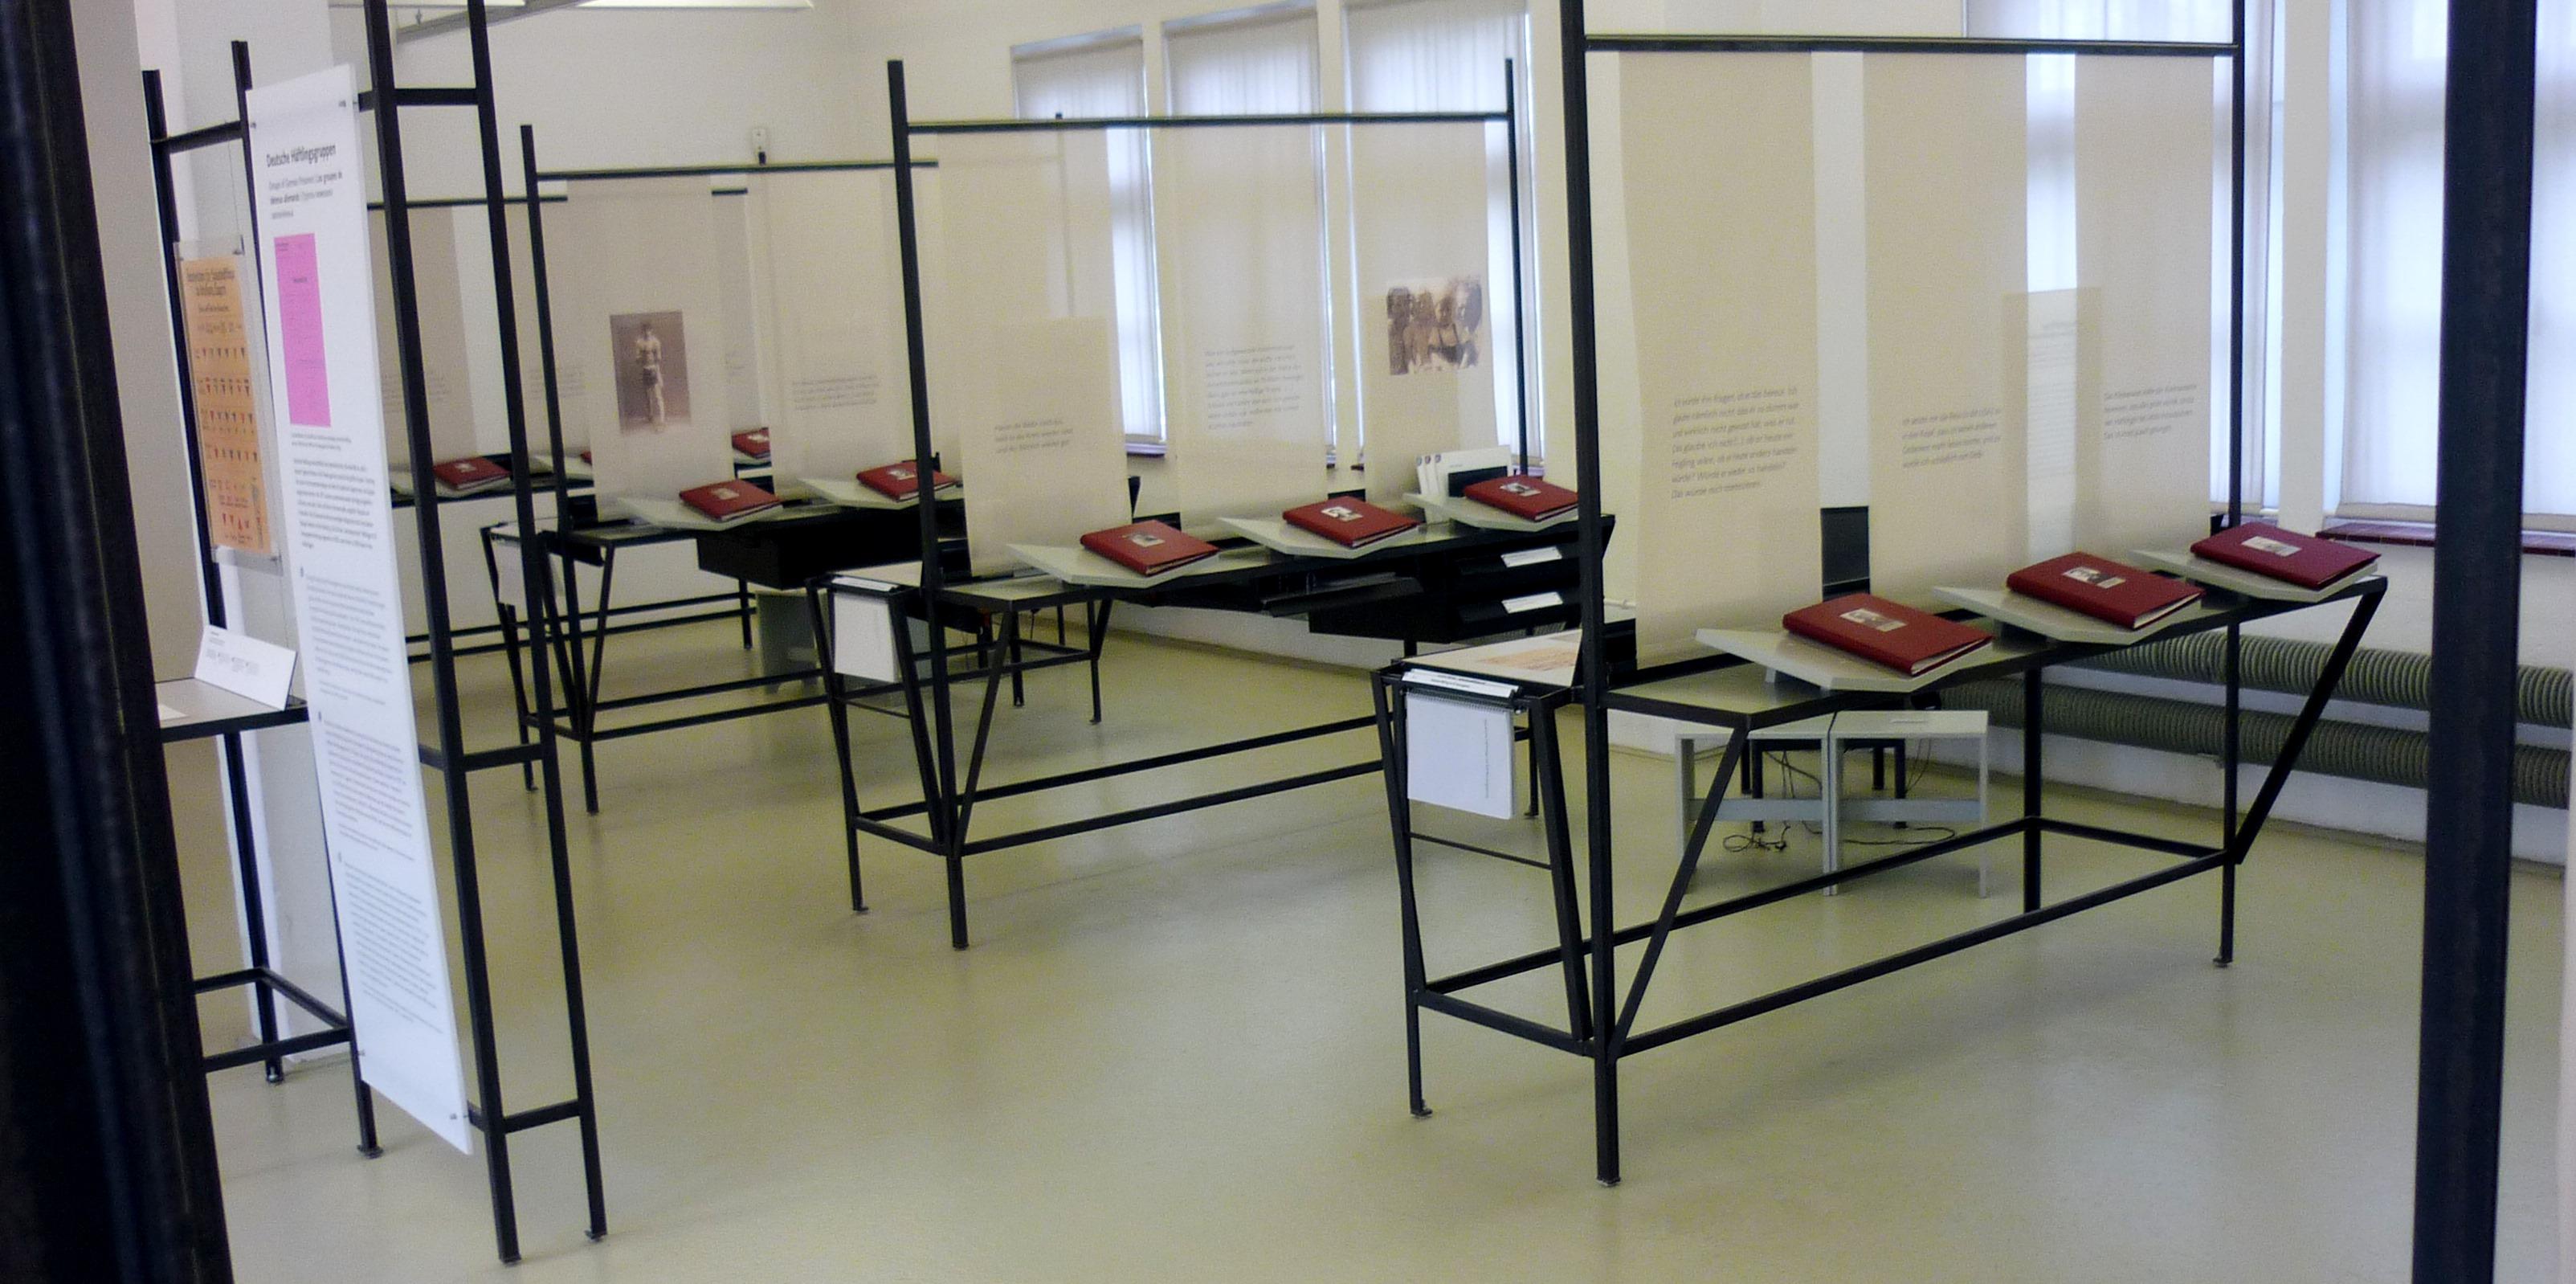 Zeitspuren in Hamburg, Ausstellung, 09.06.2018, KZ-Gedenkstätte Neuengamme - Copyright KZ-Gedenkstätte Neuengamme (ÖA)